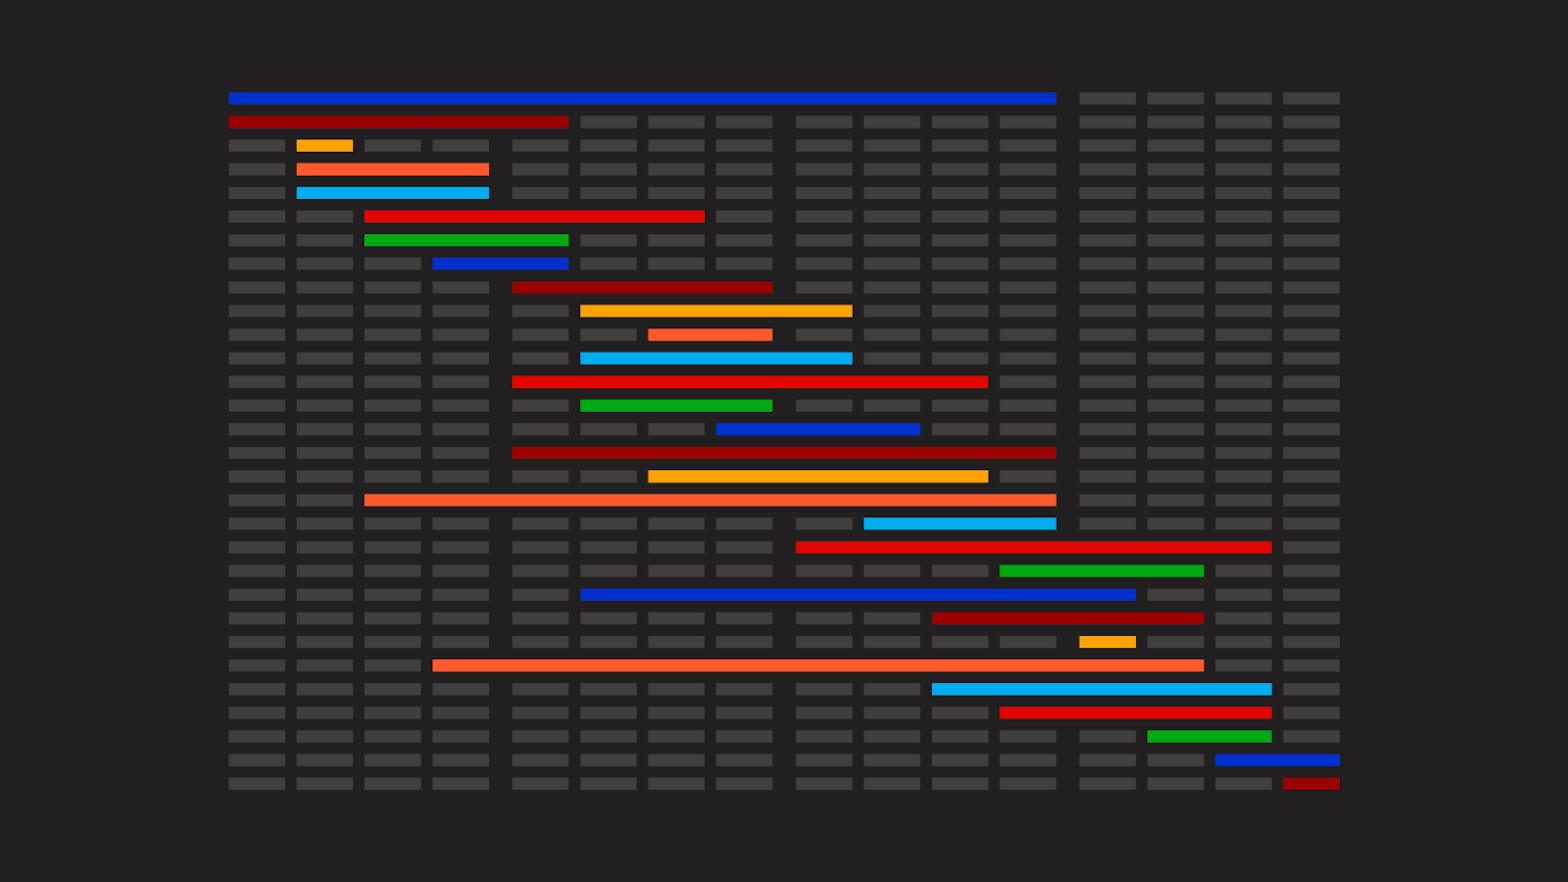 A gantt chart/midi track